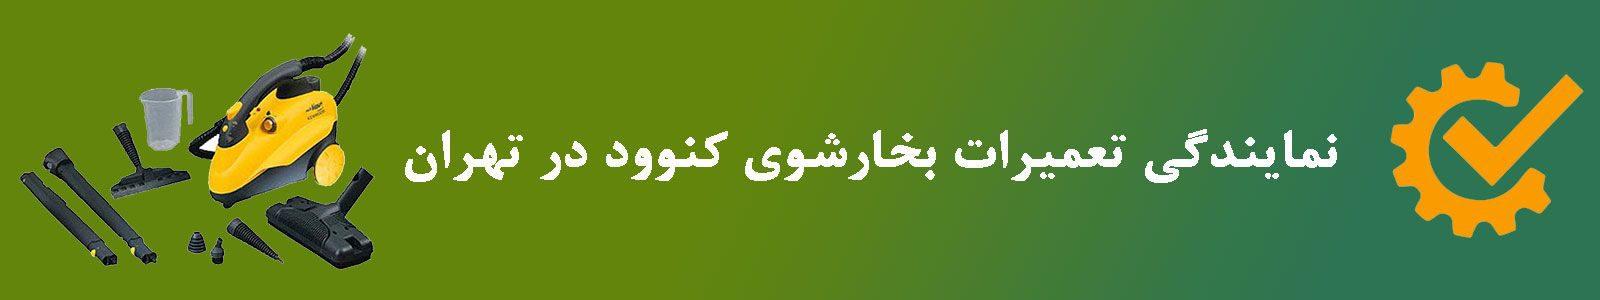 نمایندگی تعمیرات کنوود تهران